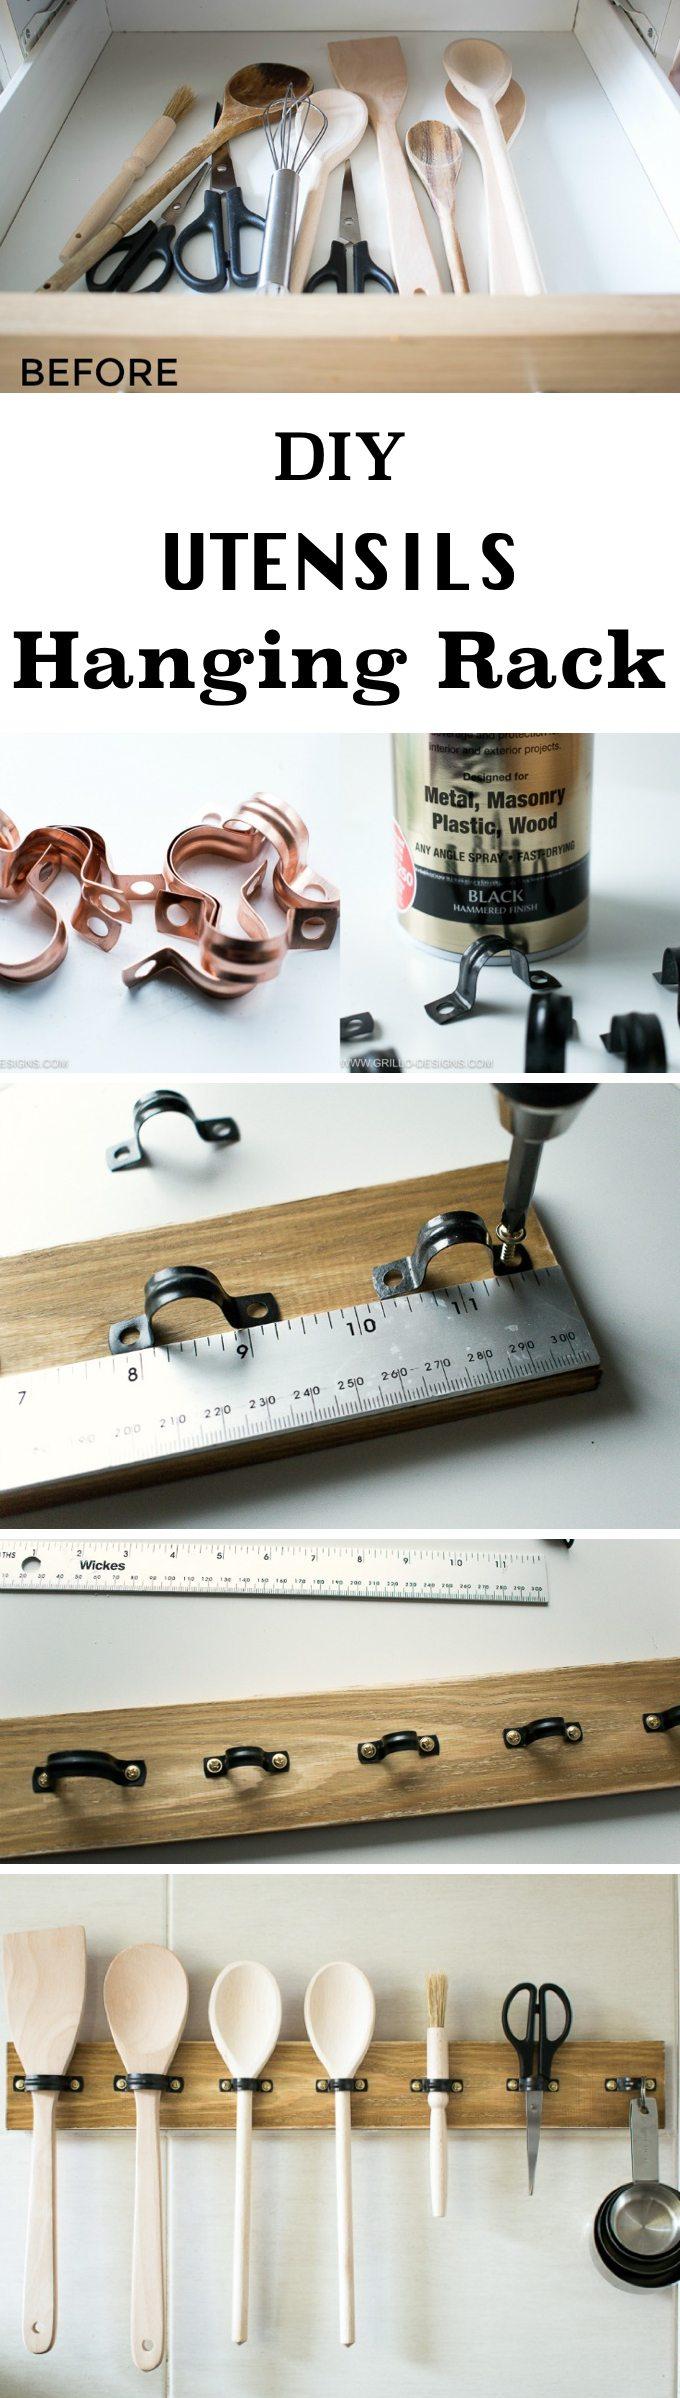 15 Innovative DIY Kitchen Organization & Storage Ideas   Keep Your ...